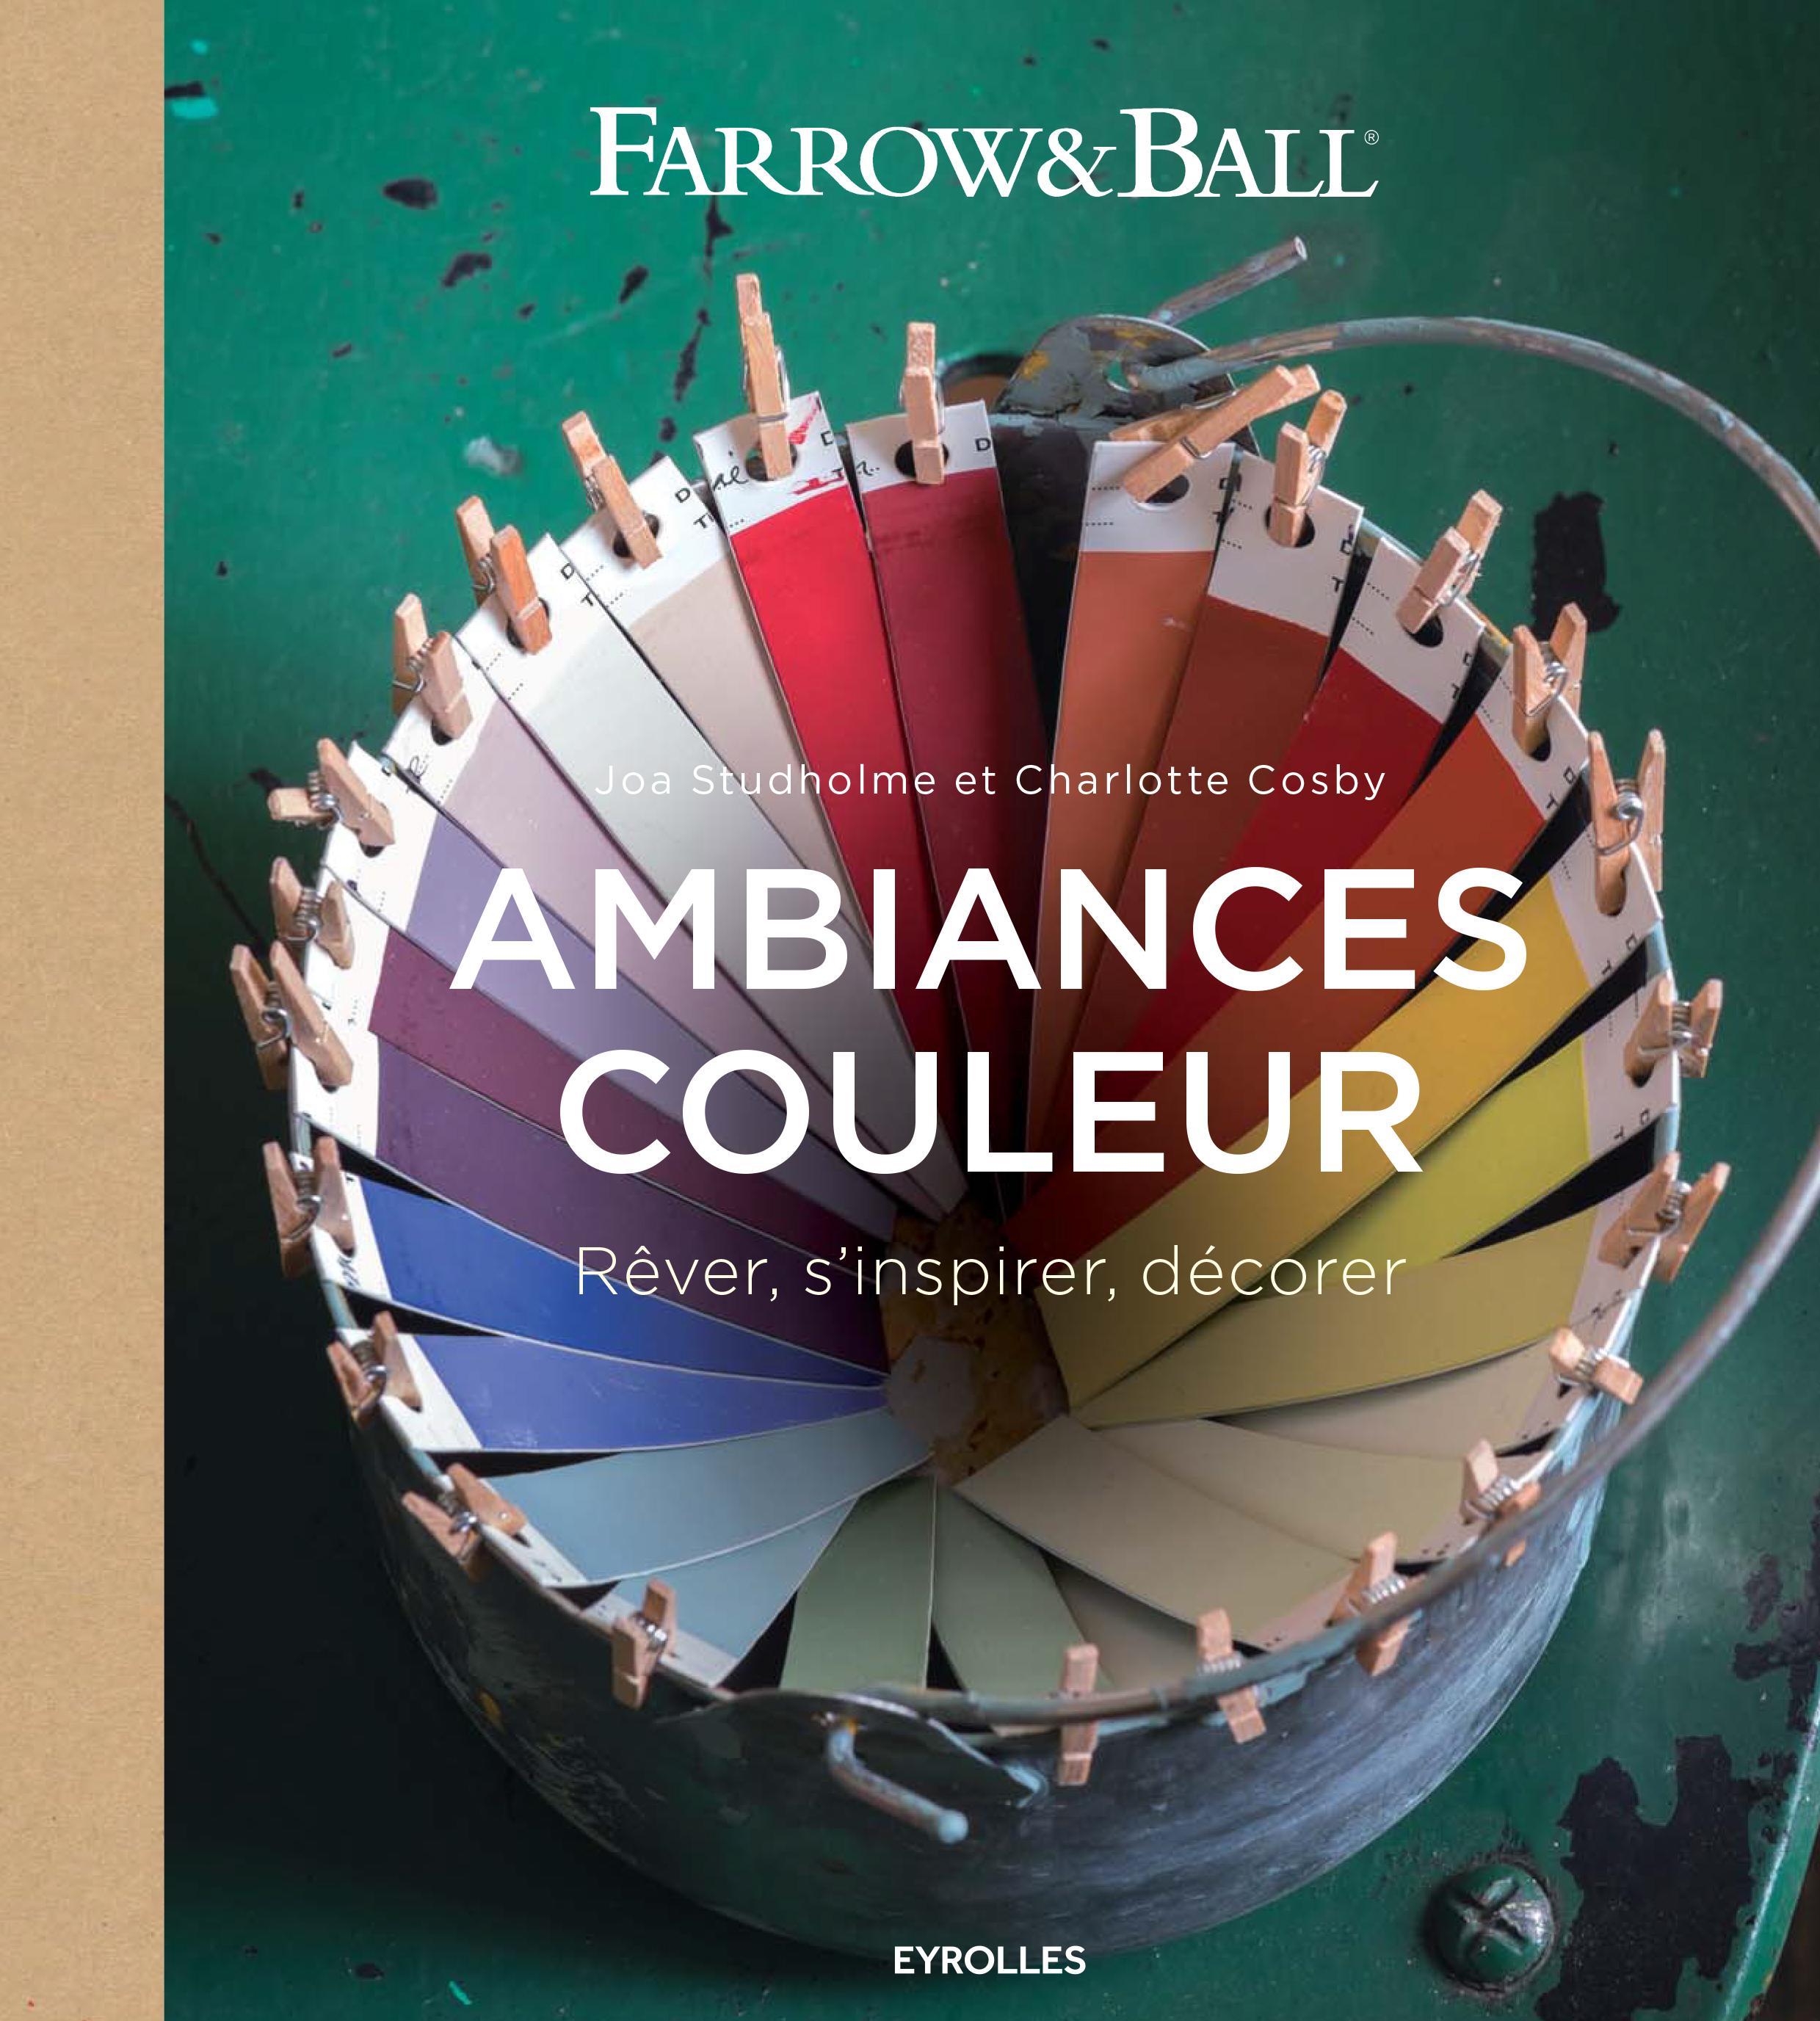 G14456_AmbiancesCouleur_FB_C1.pdf